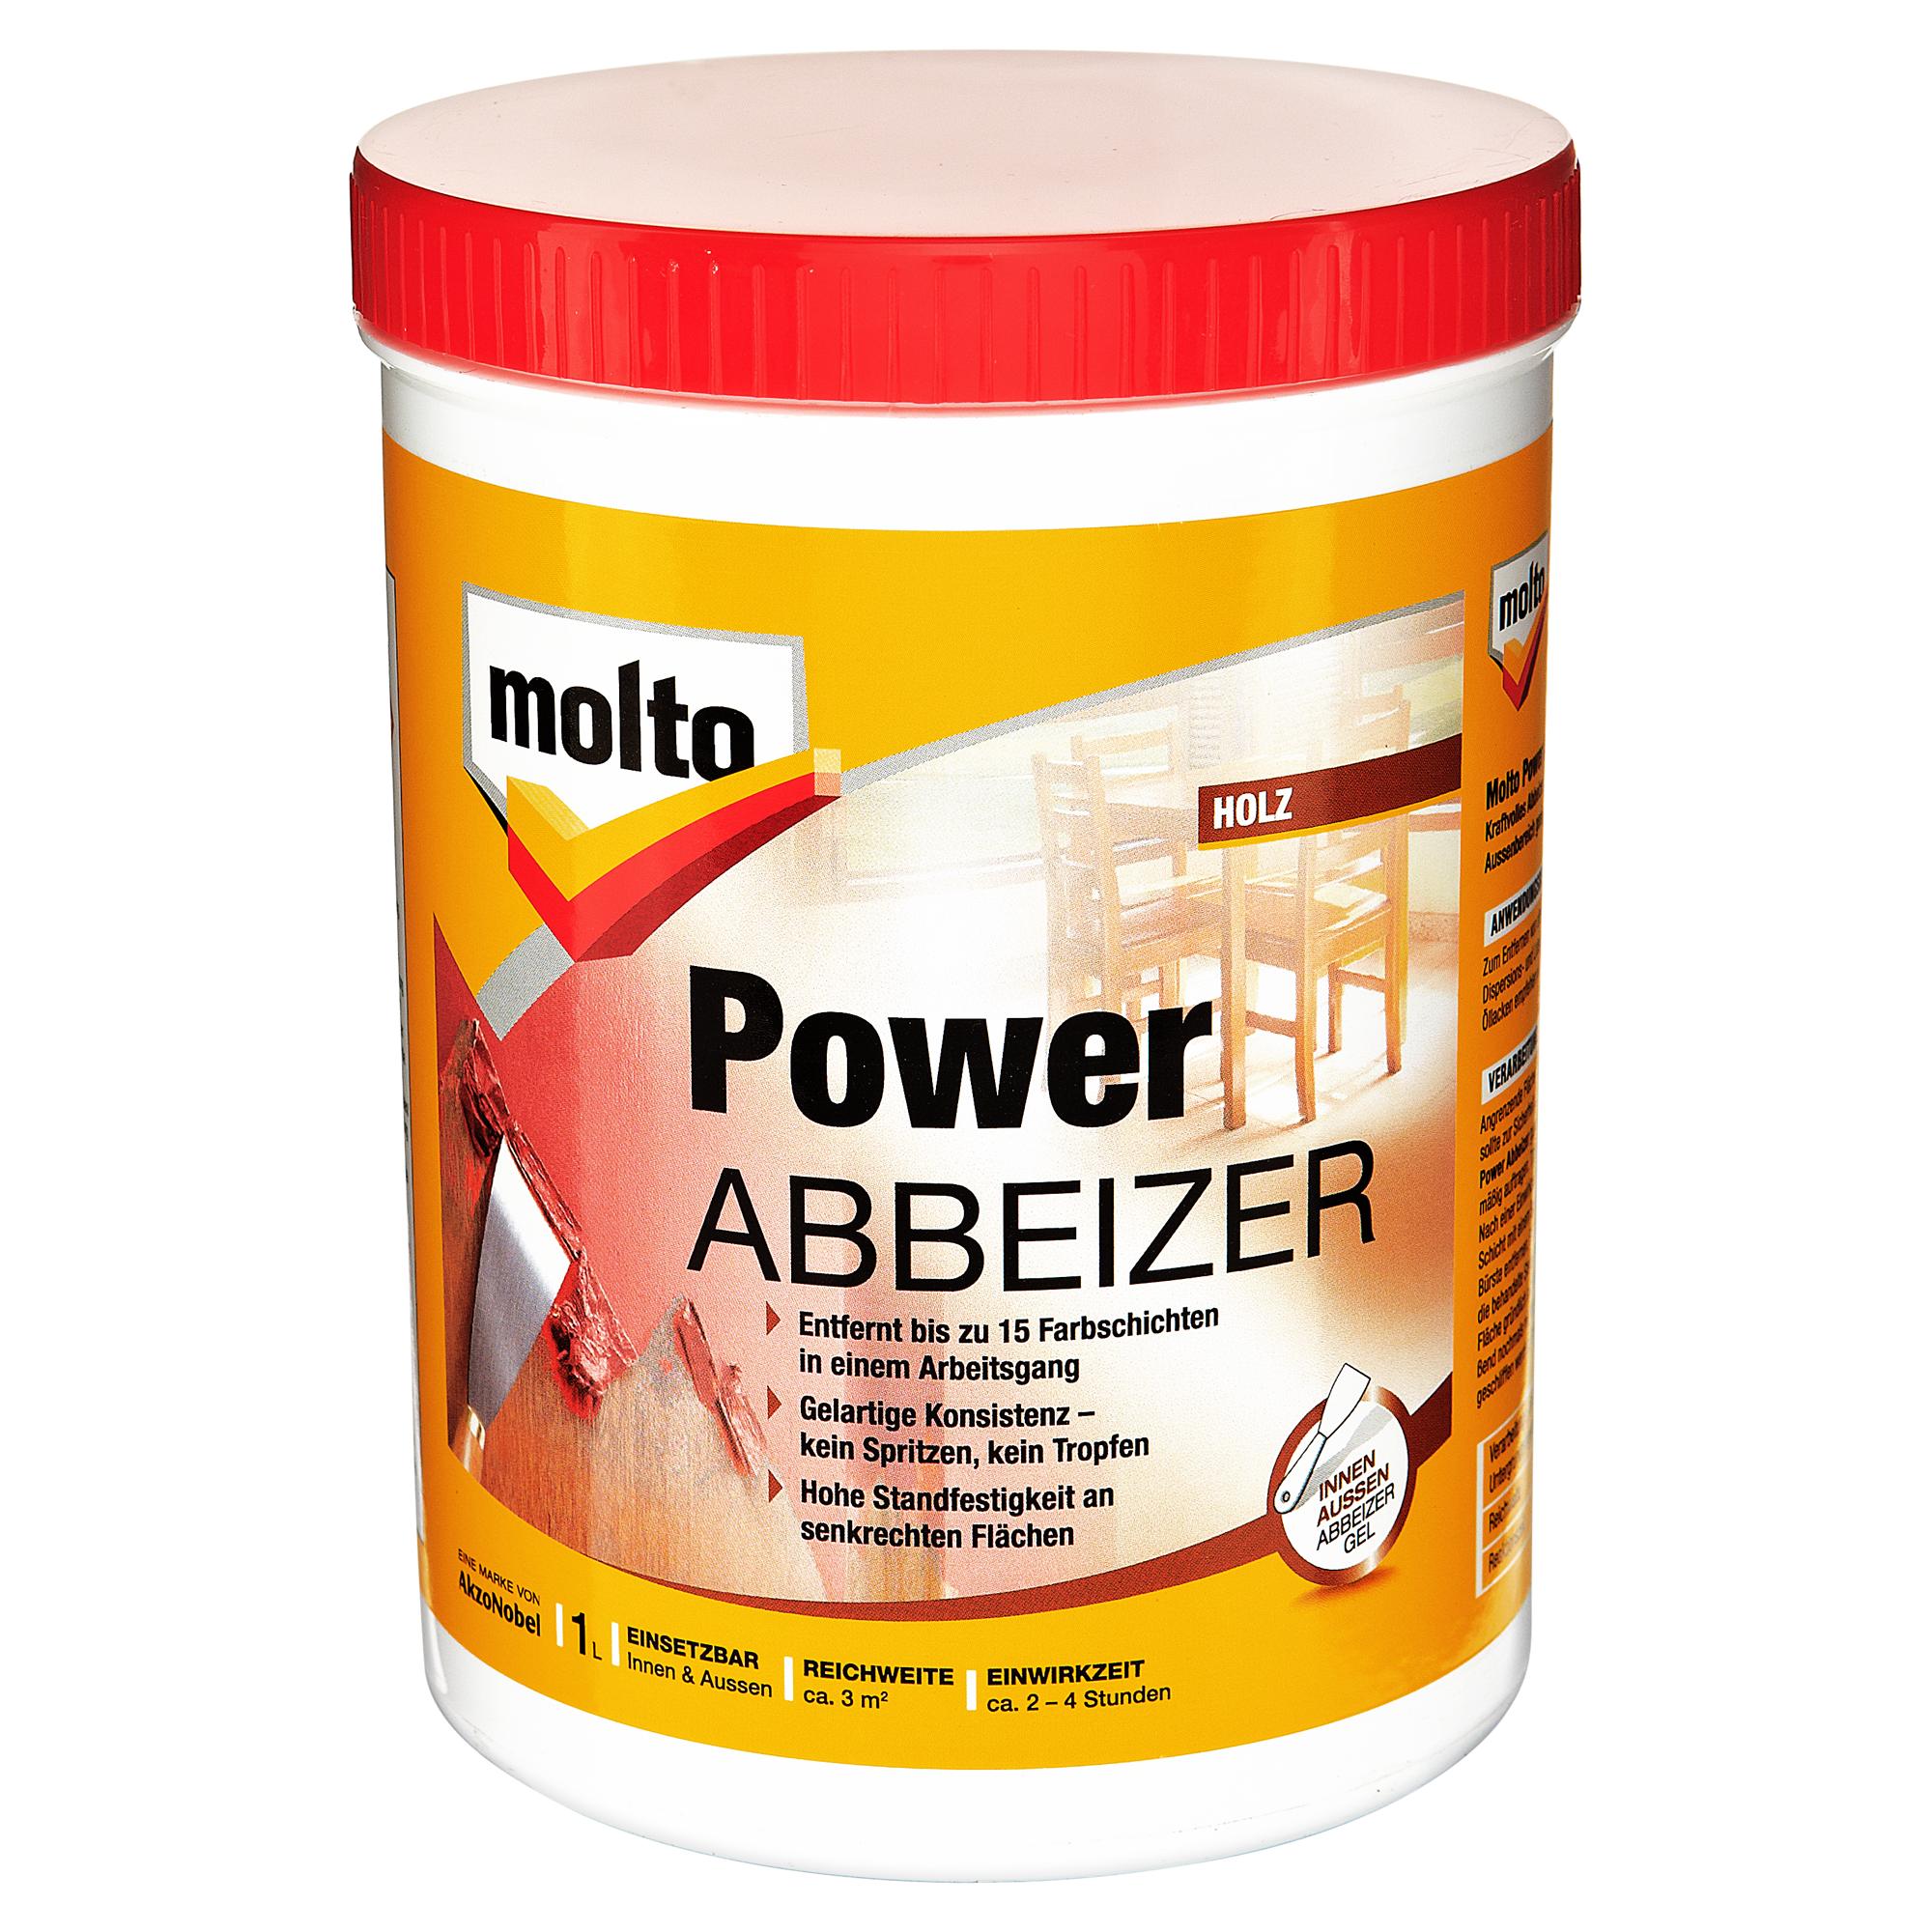 power-abbeizer 1 l ǀ toom baumarkt